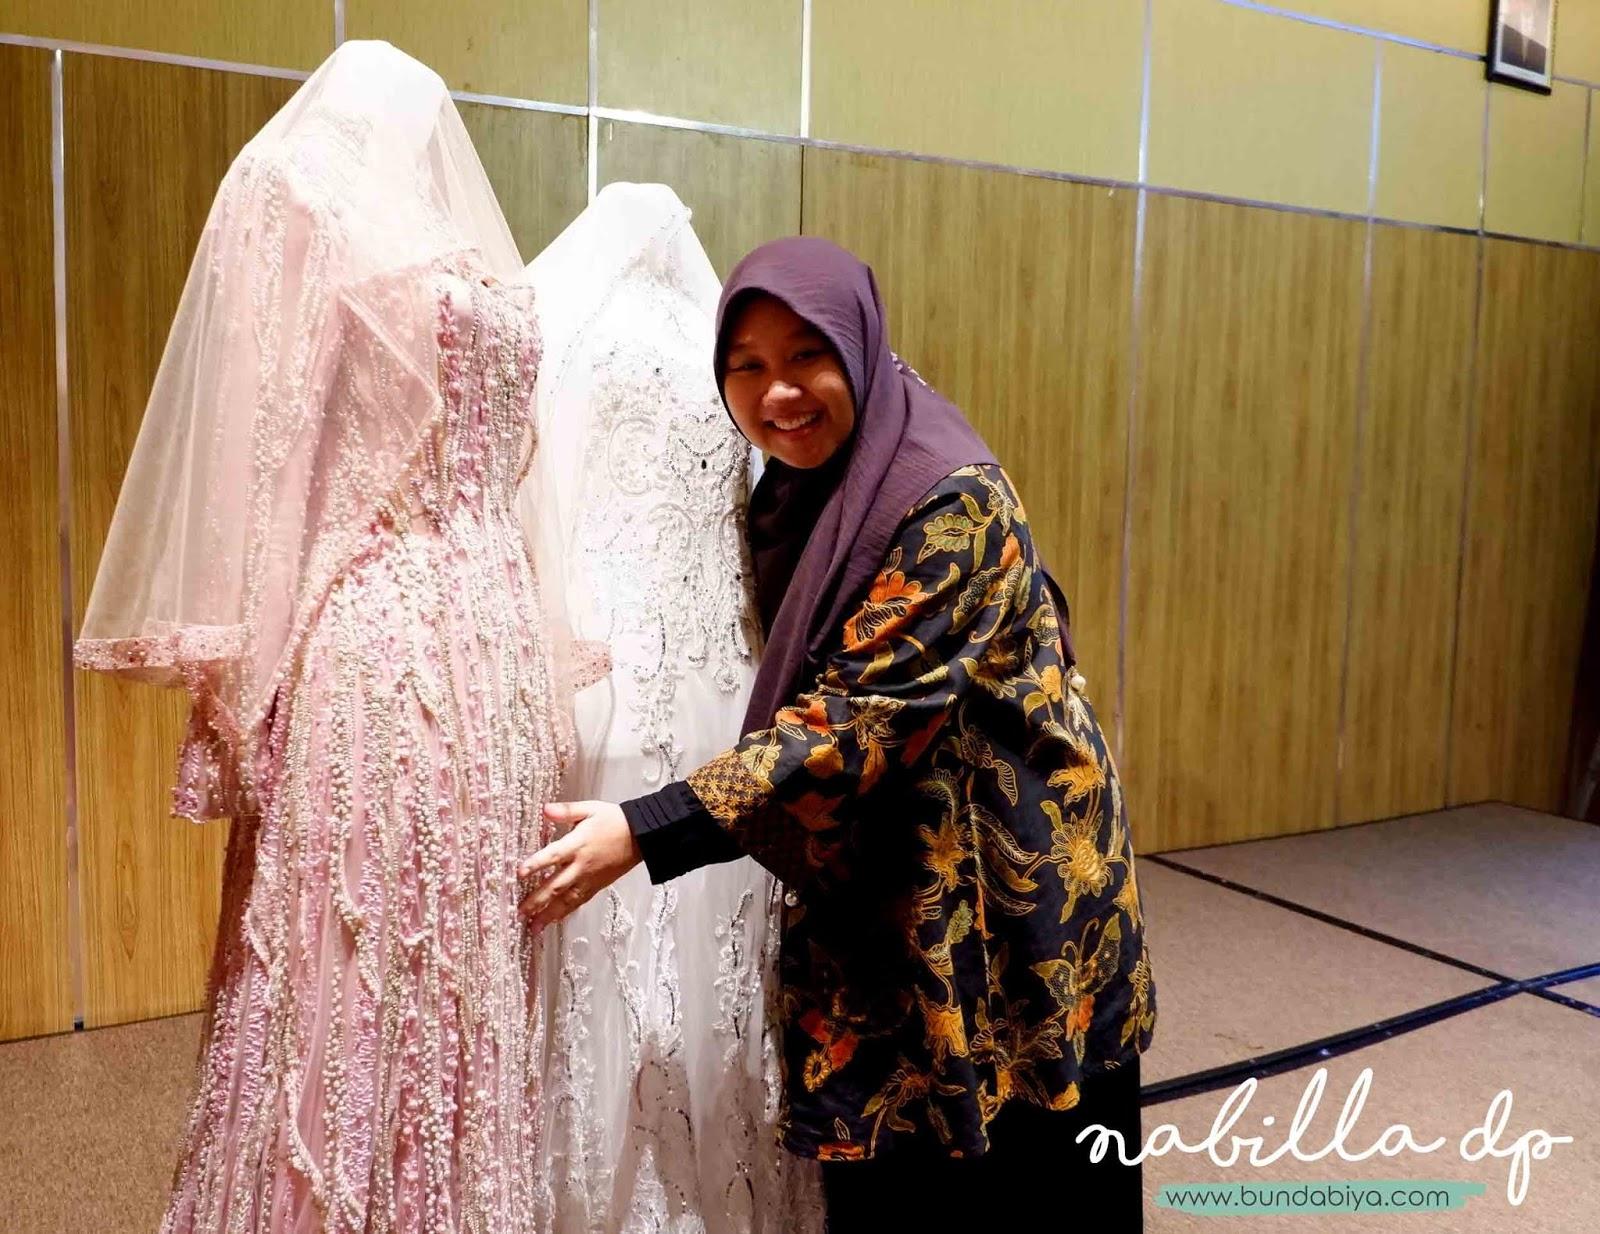 laksmi muslimah malang, laksmi muslimah wedding, kebaya laksmi muslimah, laksmi muslimah surabaya, pernikahan islami sederhana, sewa baju akad nikah, sewa baju pengantin muslimah syari, baju pengantin muslimah syari, baju pengantin muslim syari, baju pengantin muslim syari bercadar, baju pengantin muslim syari modern, baju pengantin muslim syari sederhana, model baju pengantin muslim syari, sewa baju akad nikah surabaya, sewa baju akad nikah padang, sewa baju akad nikah di jakarta, sewa baju akad nikah muslimah, sewa baju akad nikah malang, sewa baju akad nikah jakarta, sewa baju akad nikah murah, sewa baju akad nikah di medan, sewa baju akad nikah di bukittingi, kebaya pengantin muslim, kebaya muslim syari, kebaya nikah muslim, kebaya nikah muslim syari, kebaya pesta muslim syari, sewa baju kebaya pengantin muslim